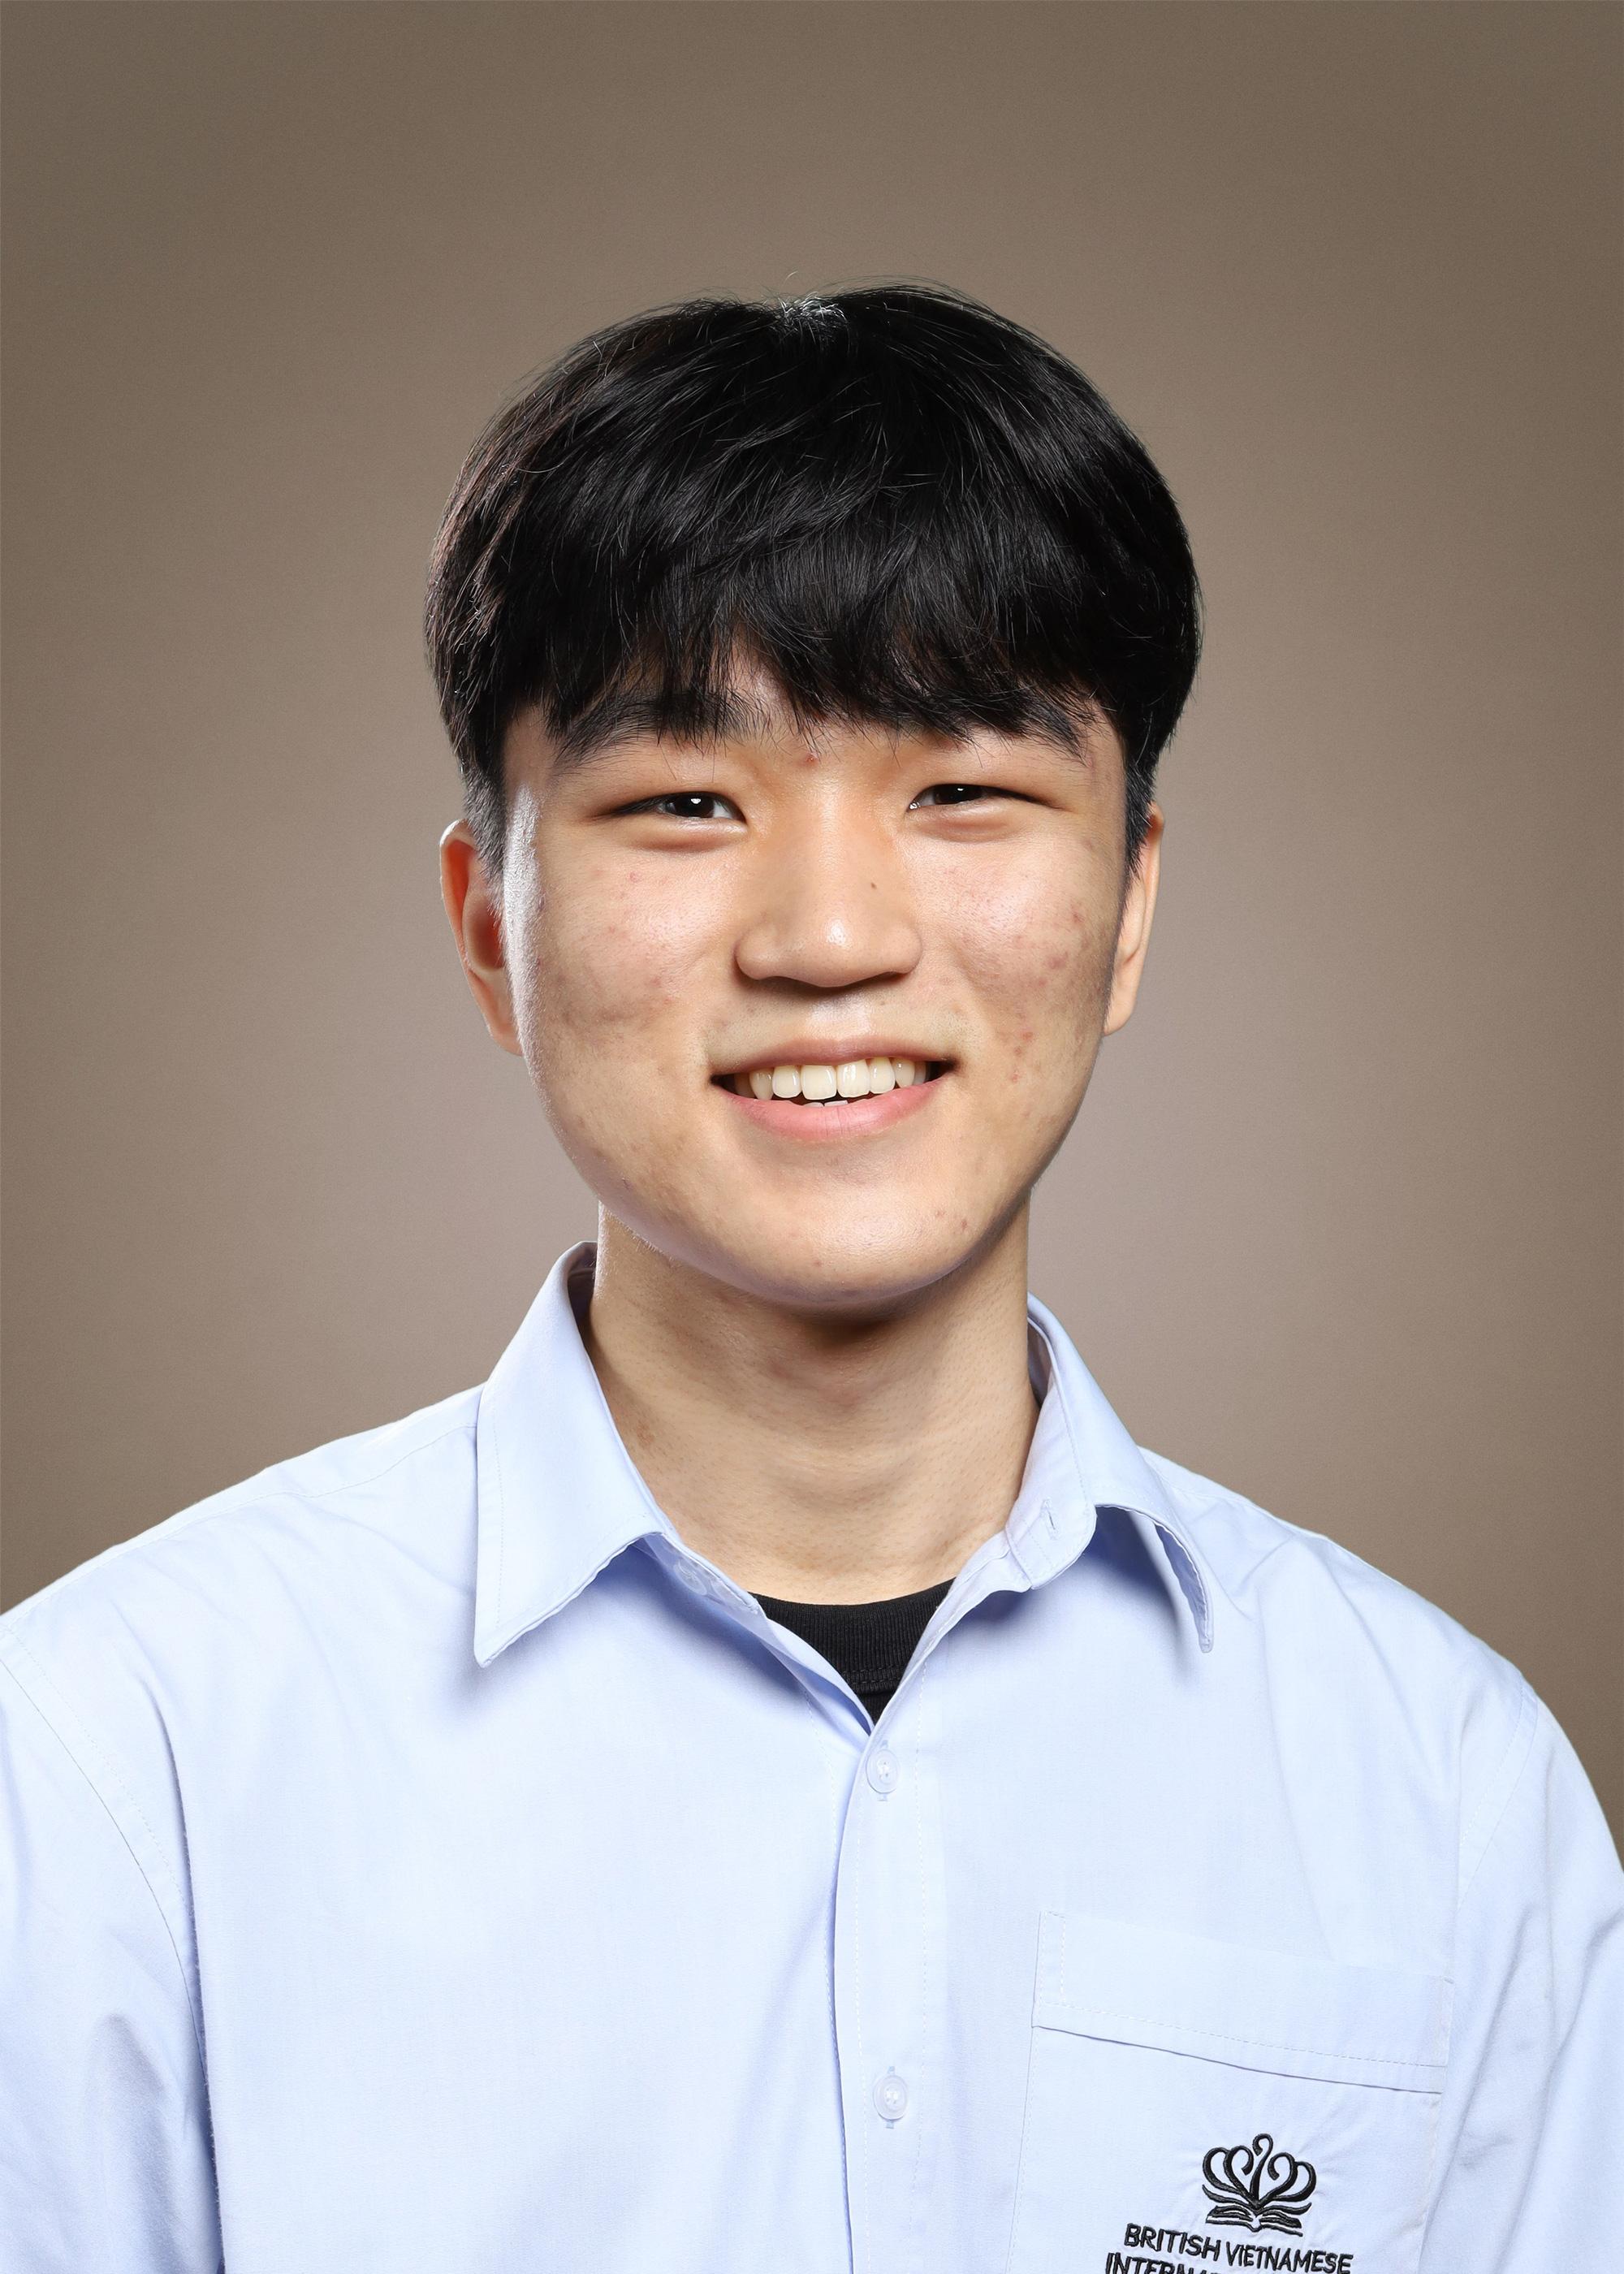 Thành tích vượt trội của học sinh trường Quốc tế Anh Việt BVIS Hà Nội trong các cuộc thi IGCSE và A Level - Ảnh 5.